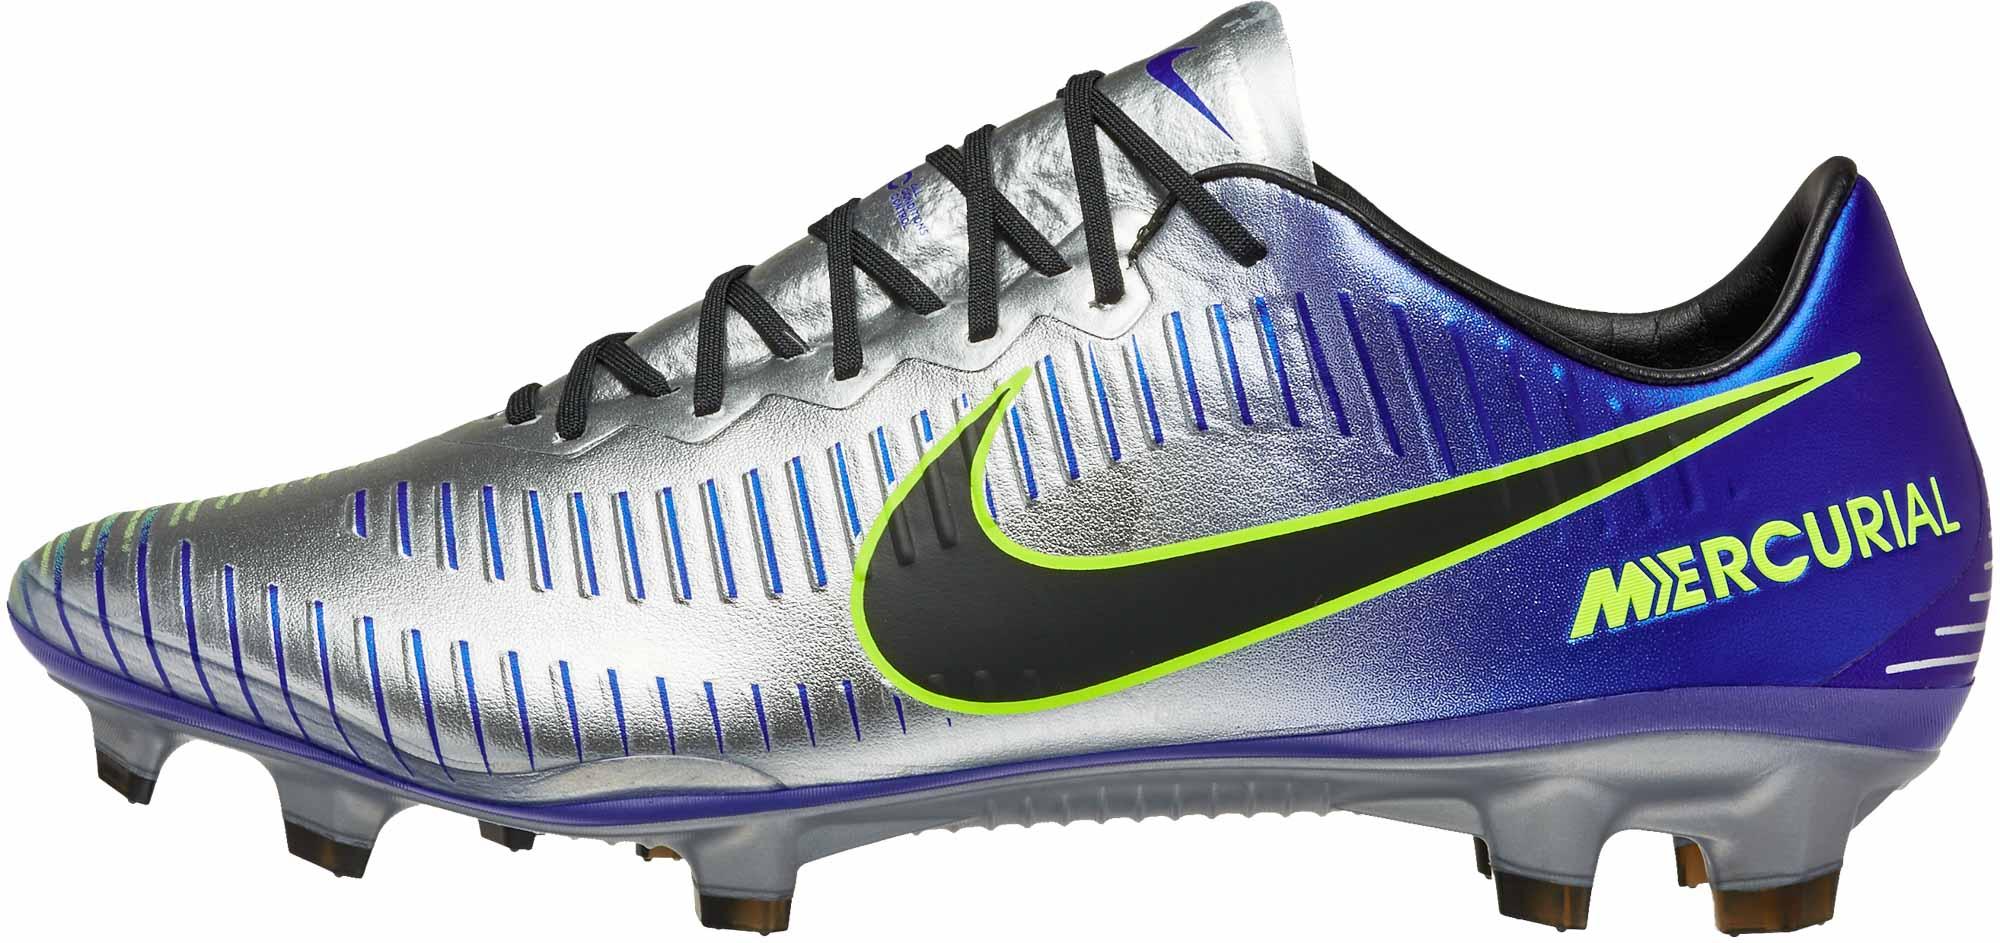 reputable site c1558 2601a Nike Mercurial Vapor XI FG - Neymar Jr - Racer Blue & Chrome